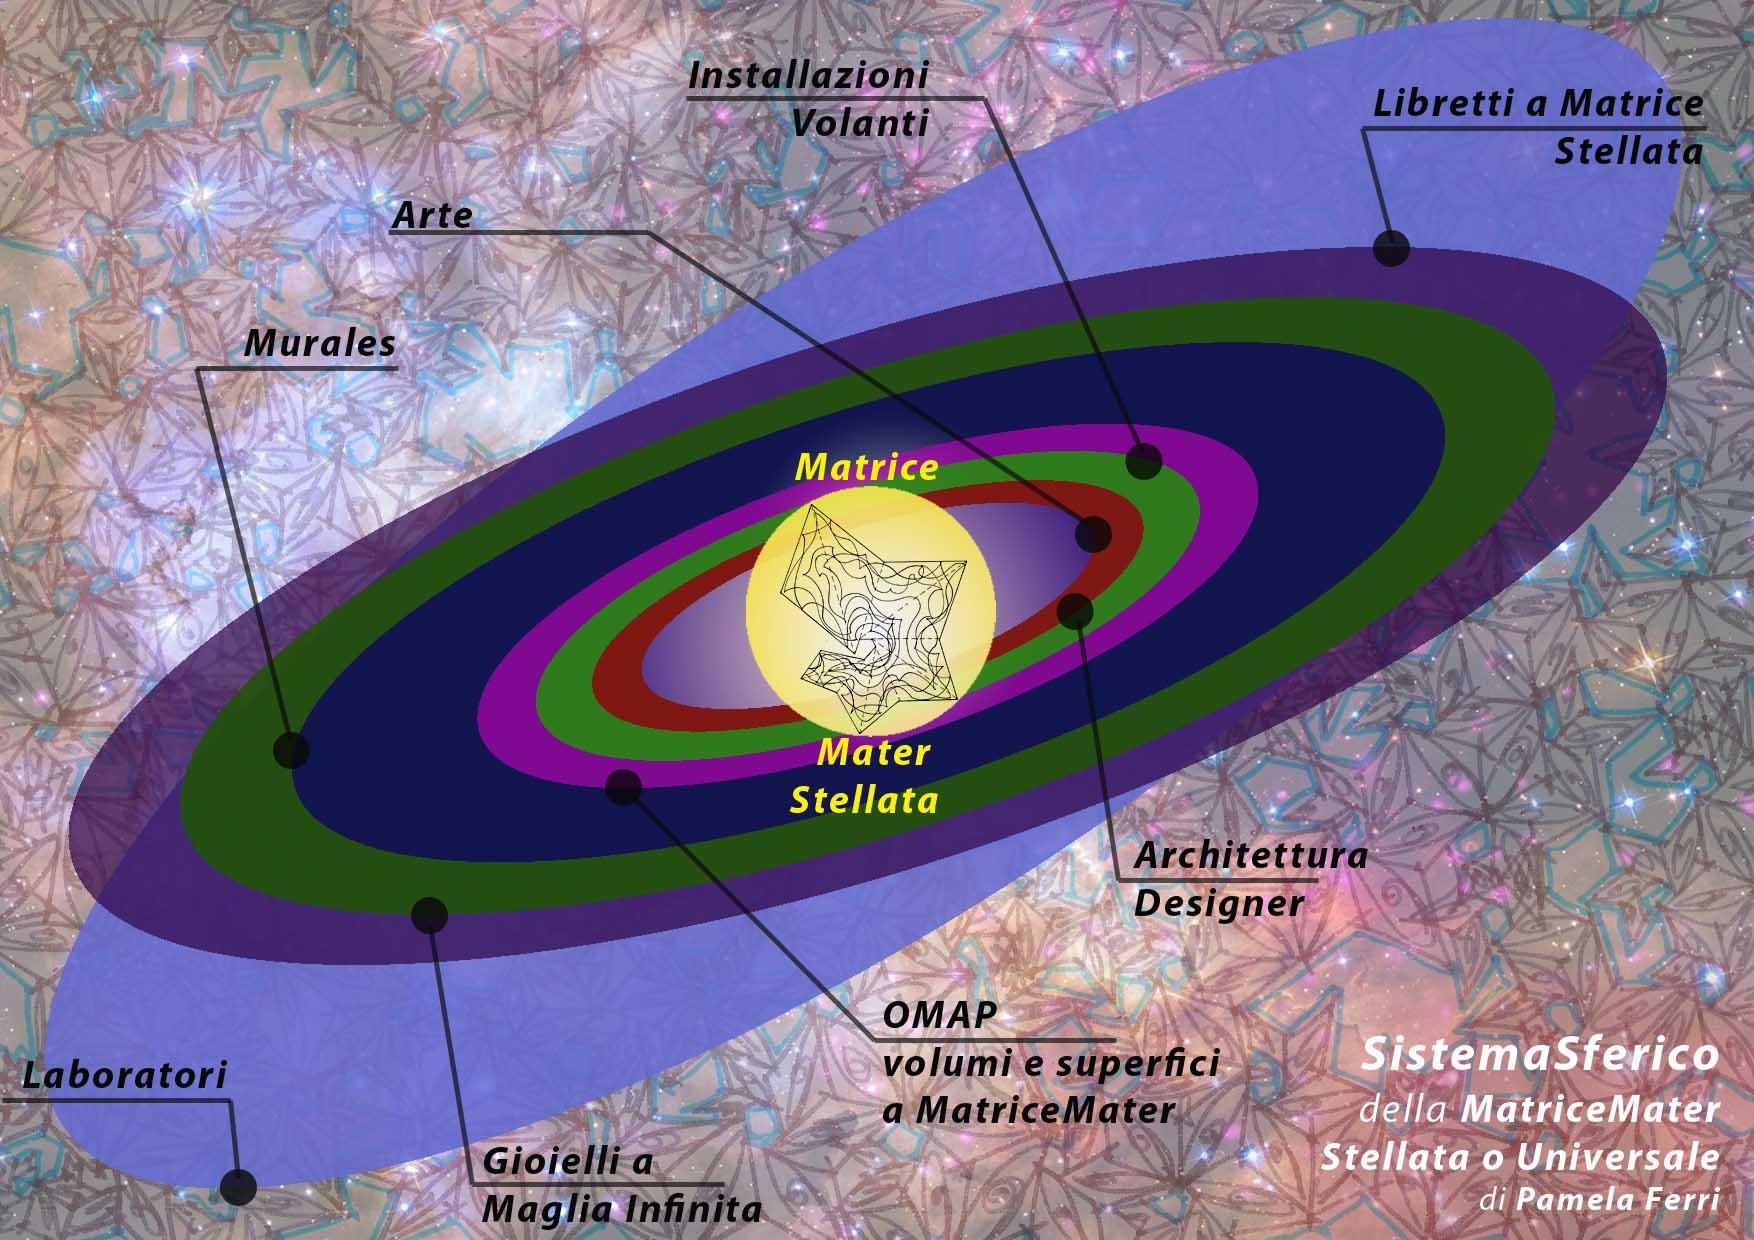 Sistema solare della MatriceMater Stellata